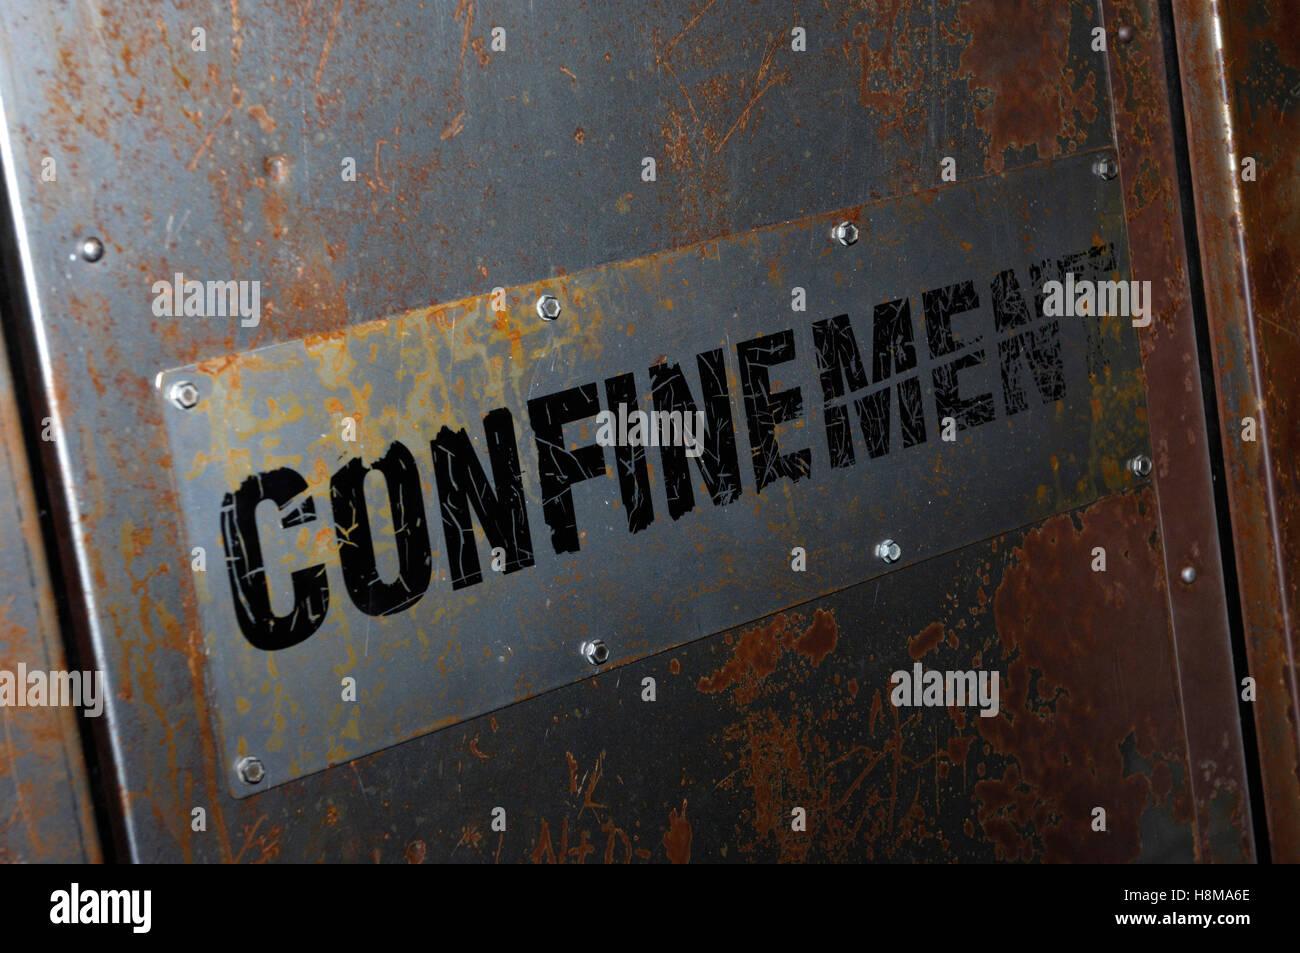 Confinement sign on a rusty metal door - Stock Image